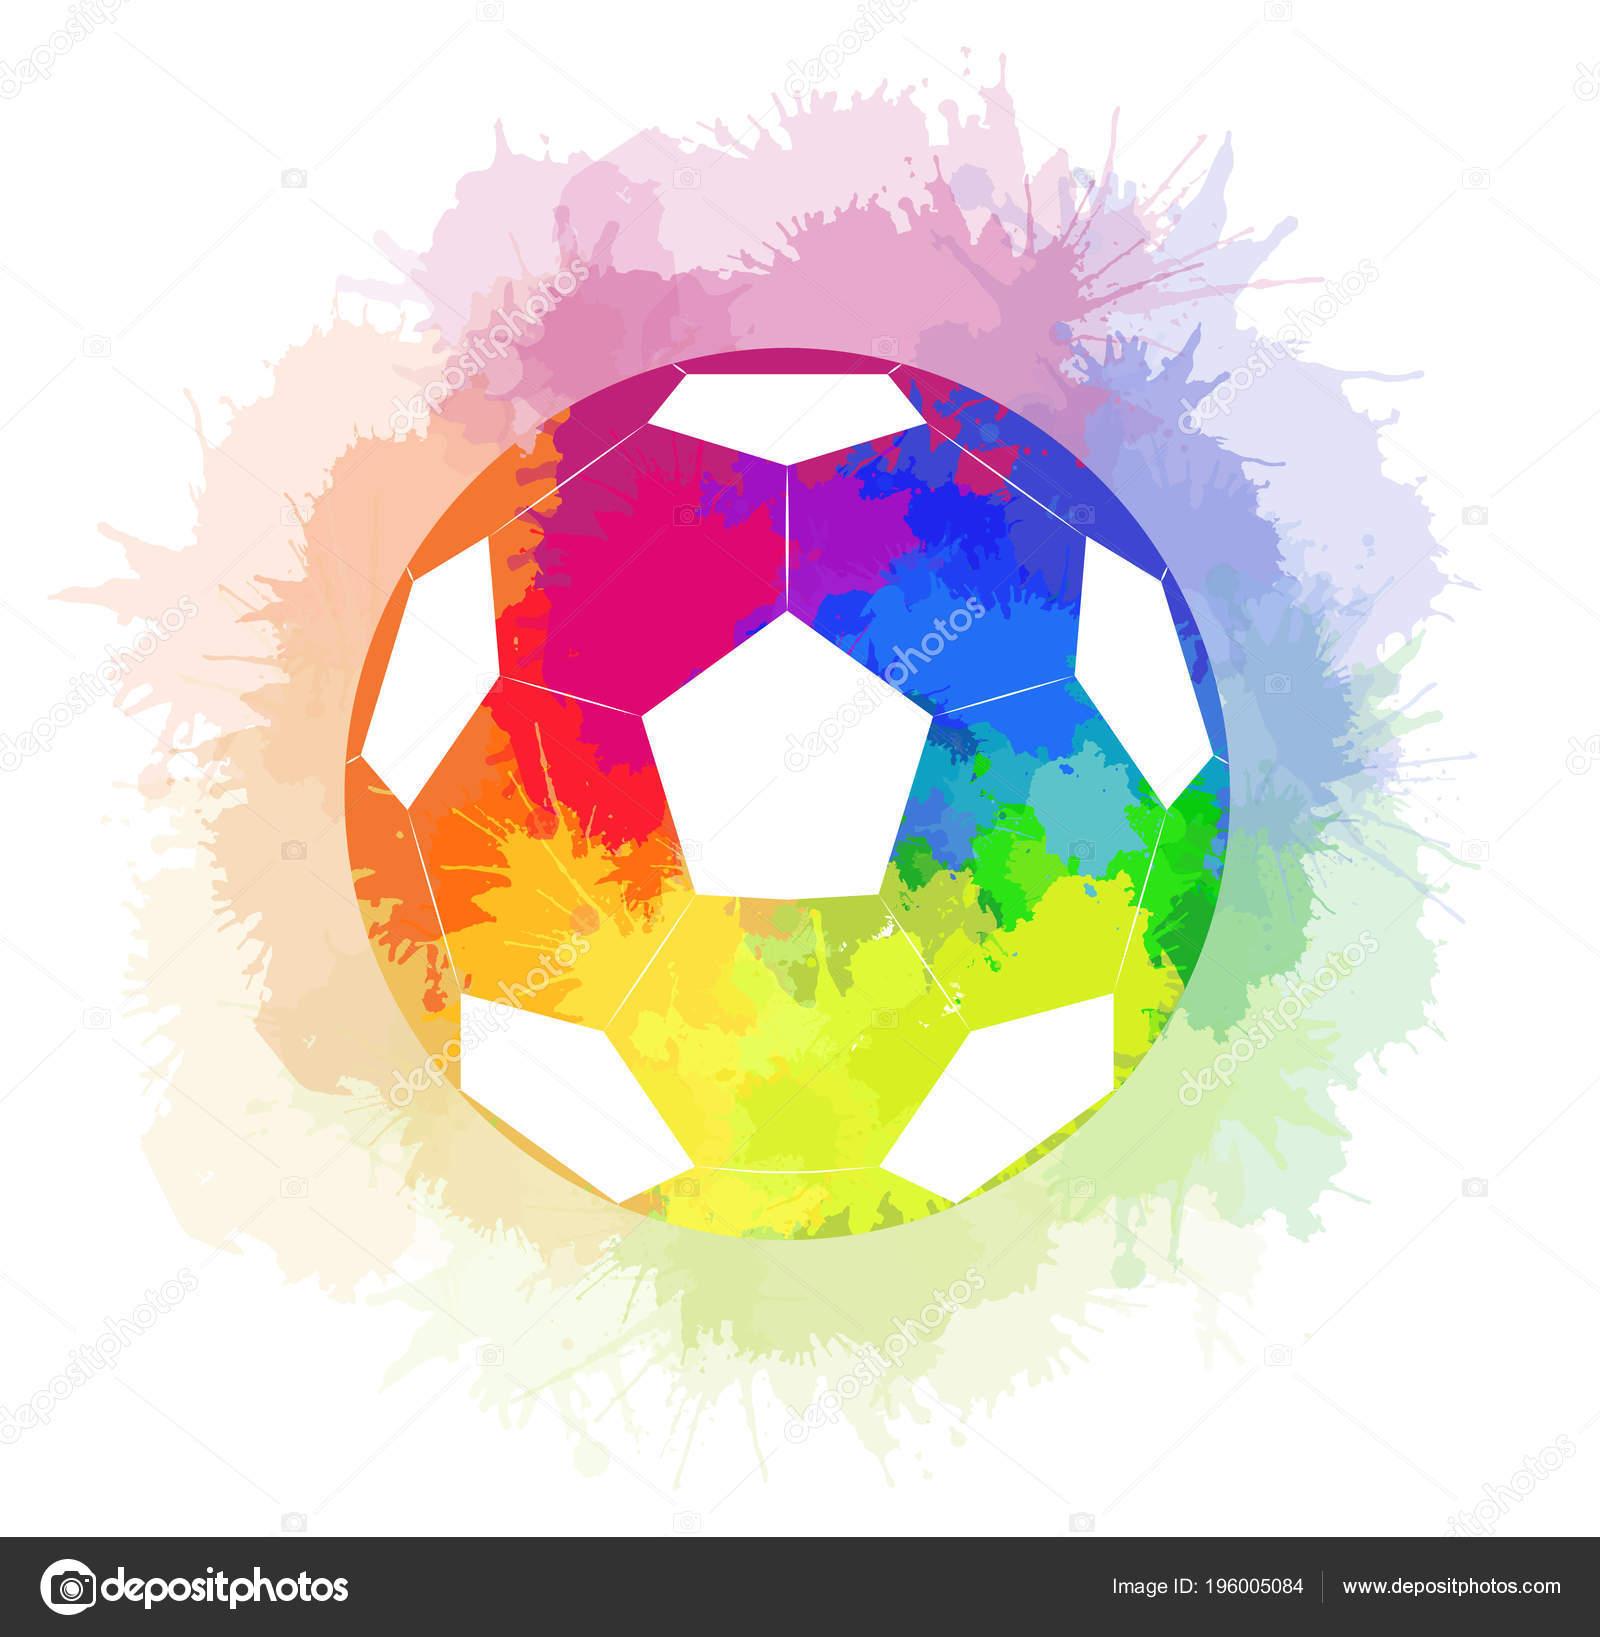 Bola de futebol com fundo de arco-íris aquarela e arco-íris aquarela spray.  Elemento do vetor para a alimentação de artigos de desporto 1f1a6fe292b7f